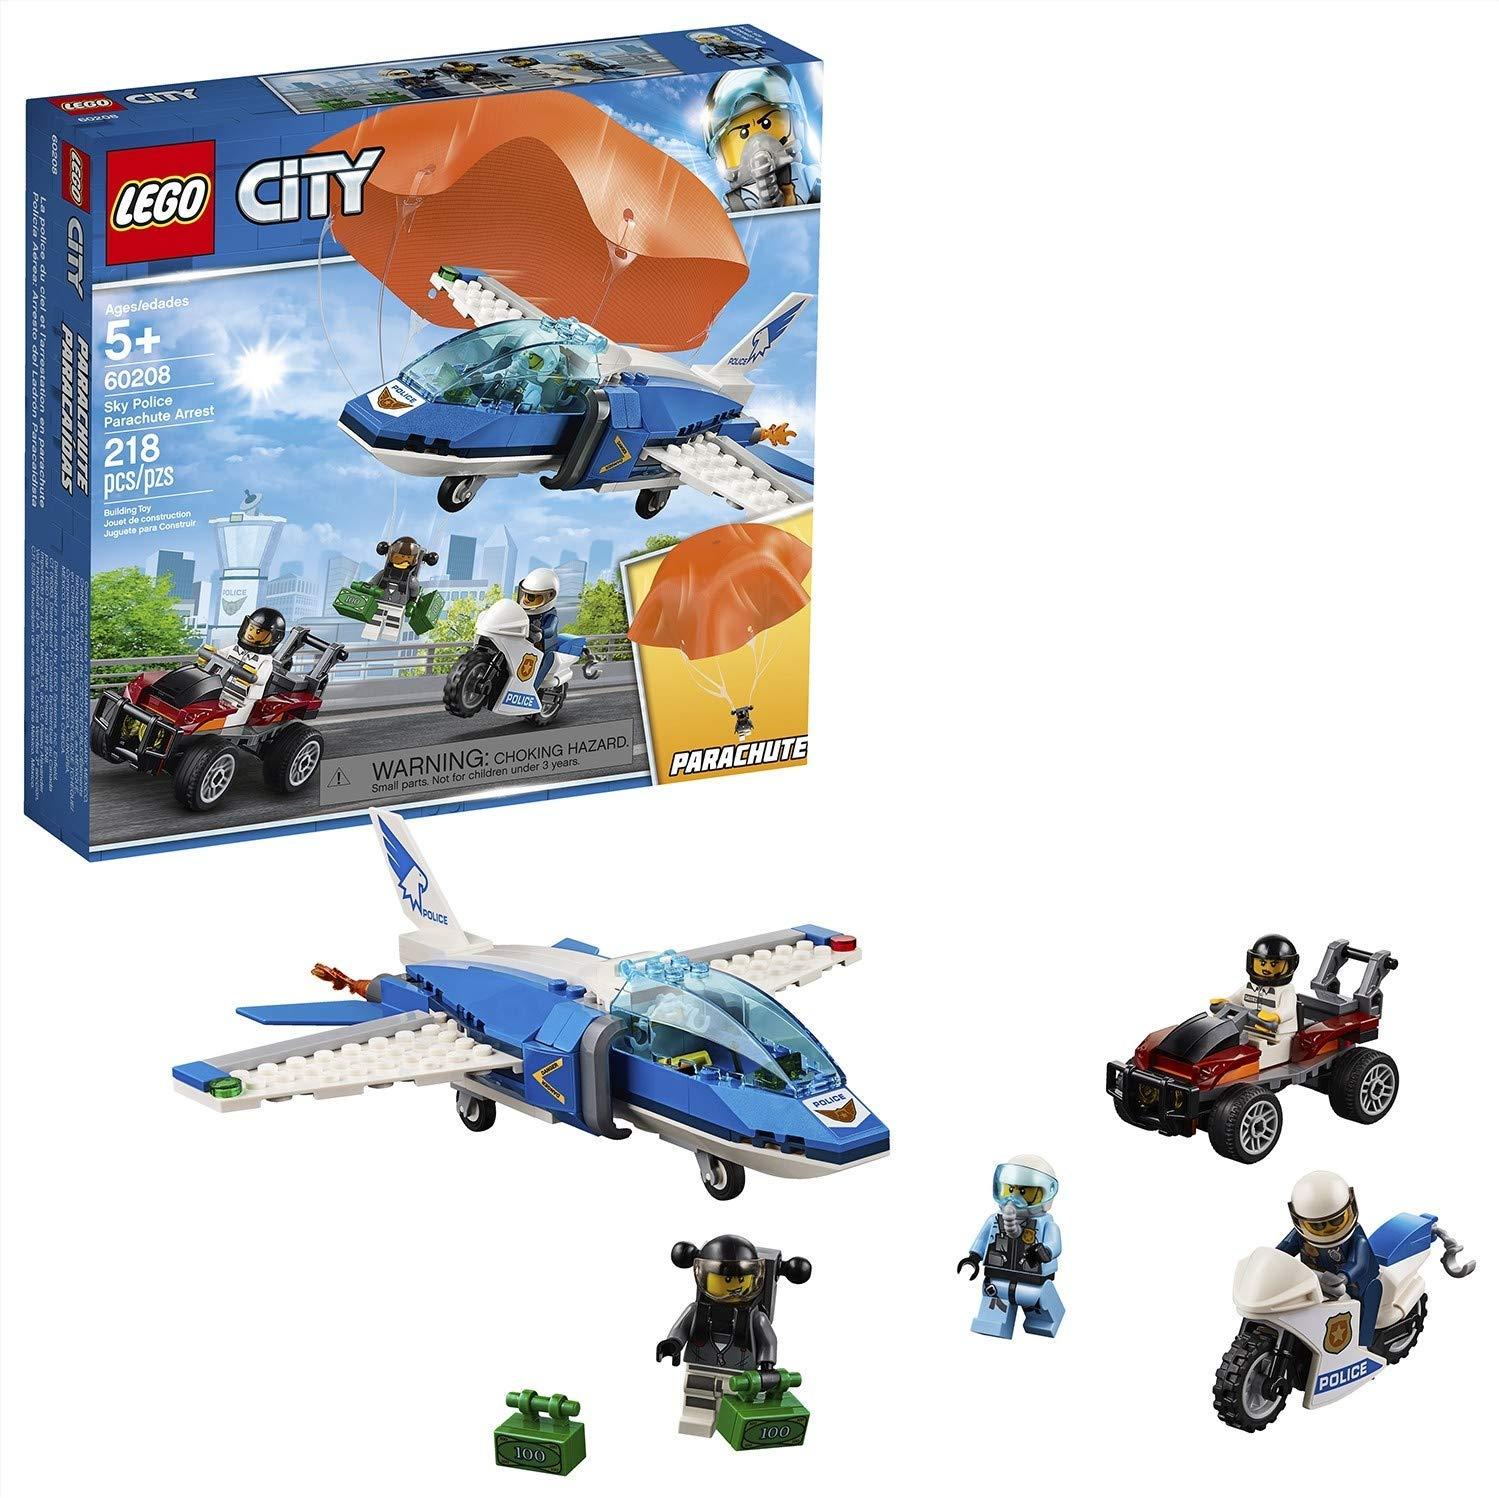 LEGO City - Police Policía Aérea: Arresto del Ladrón Paracaidista, Set de Aventuras para Construcción con Paracaídas, Avión y Moto